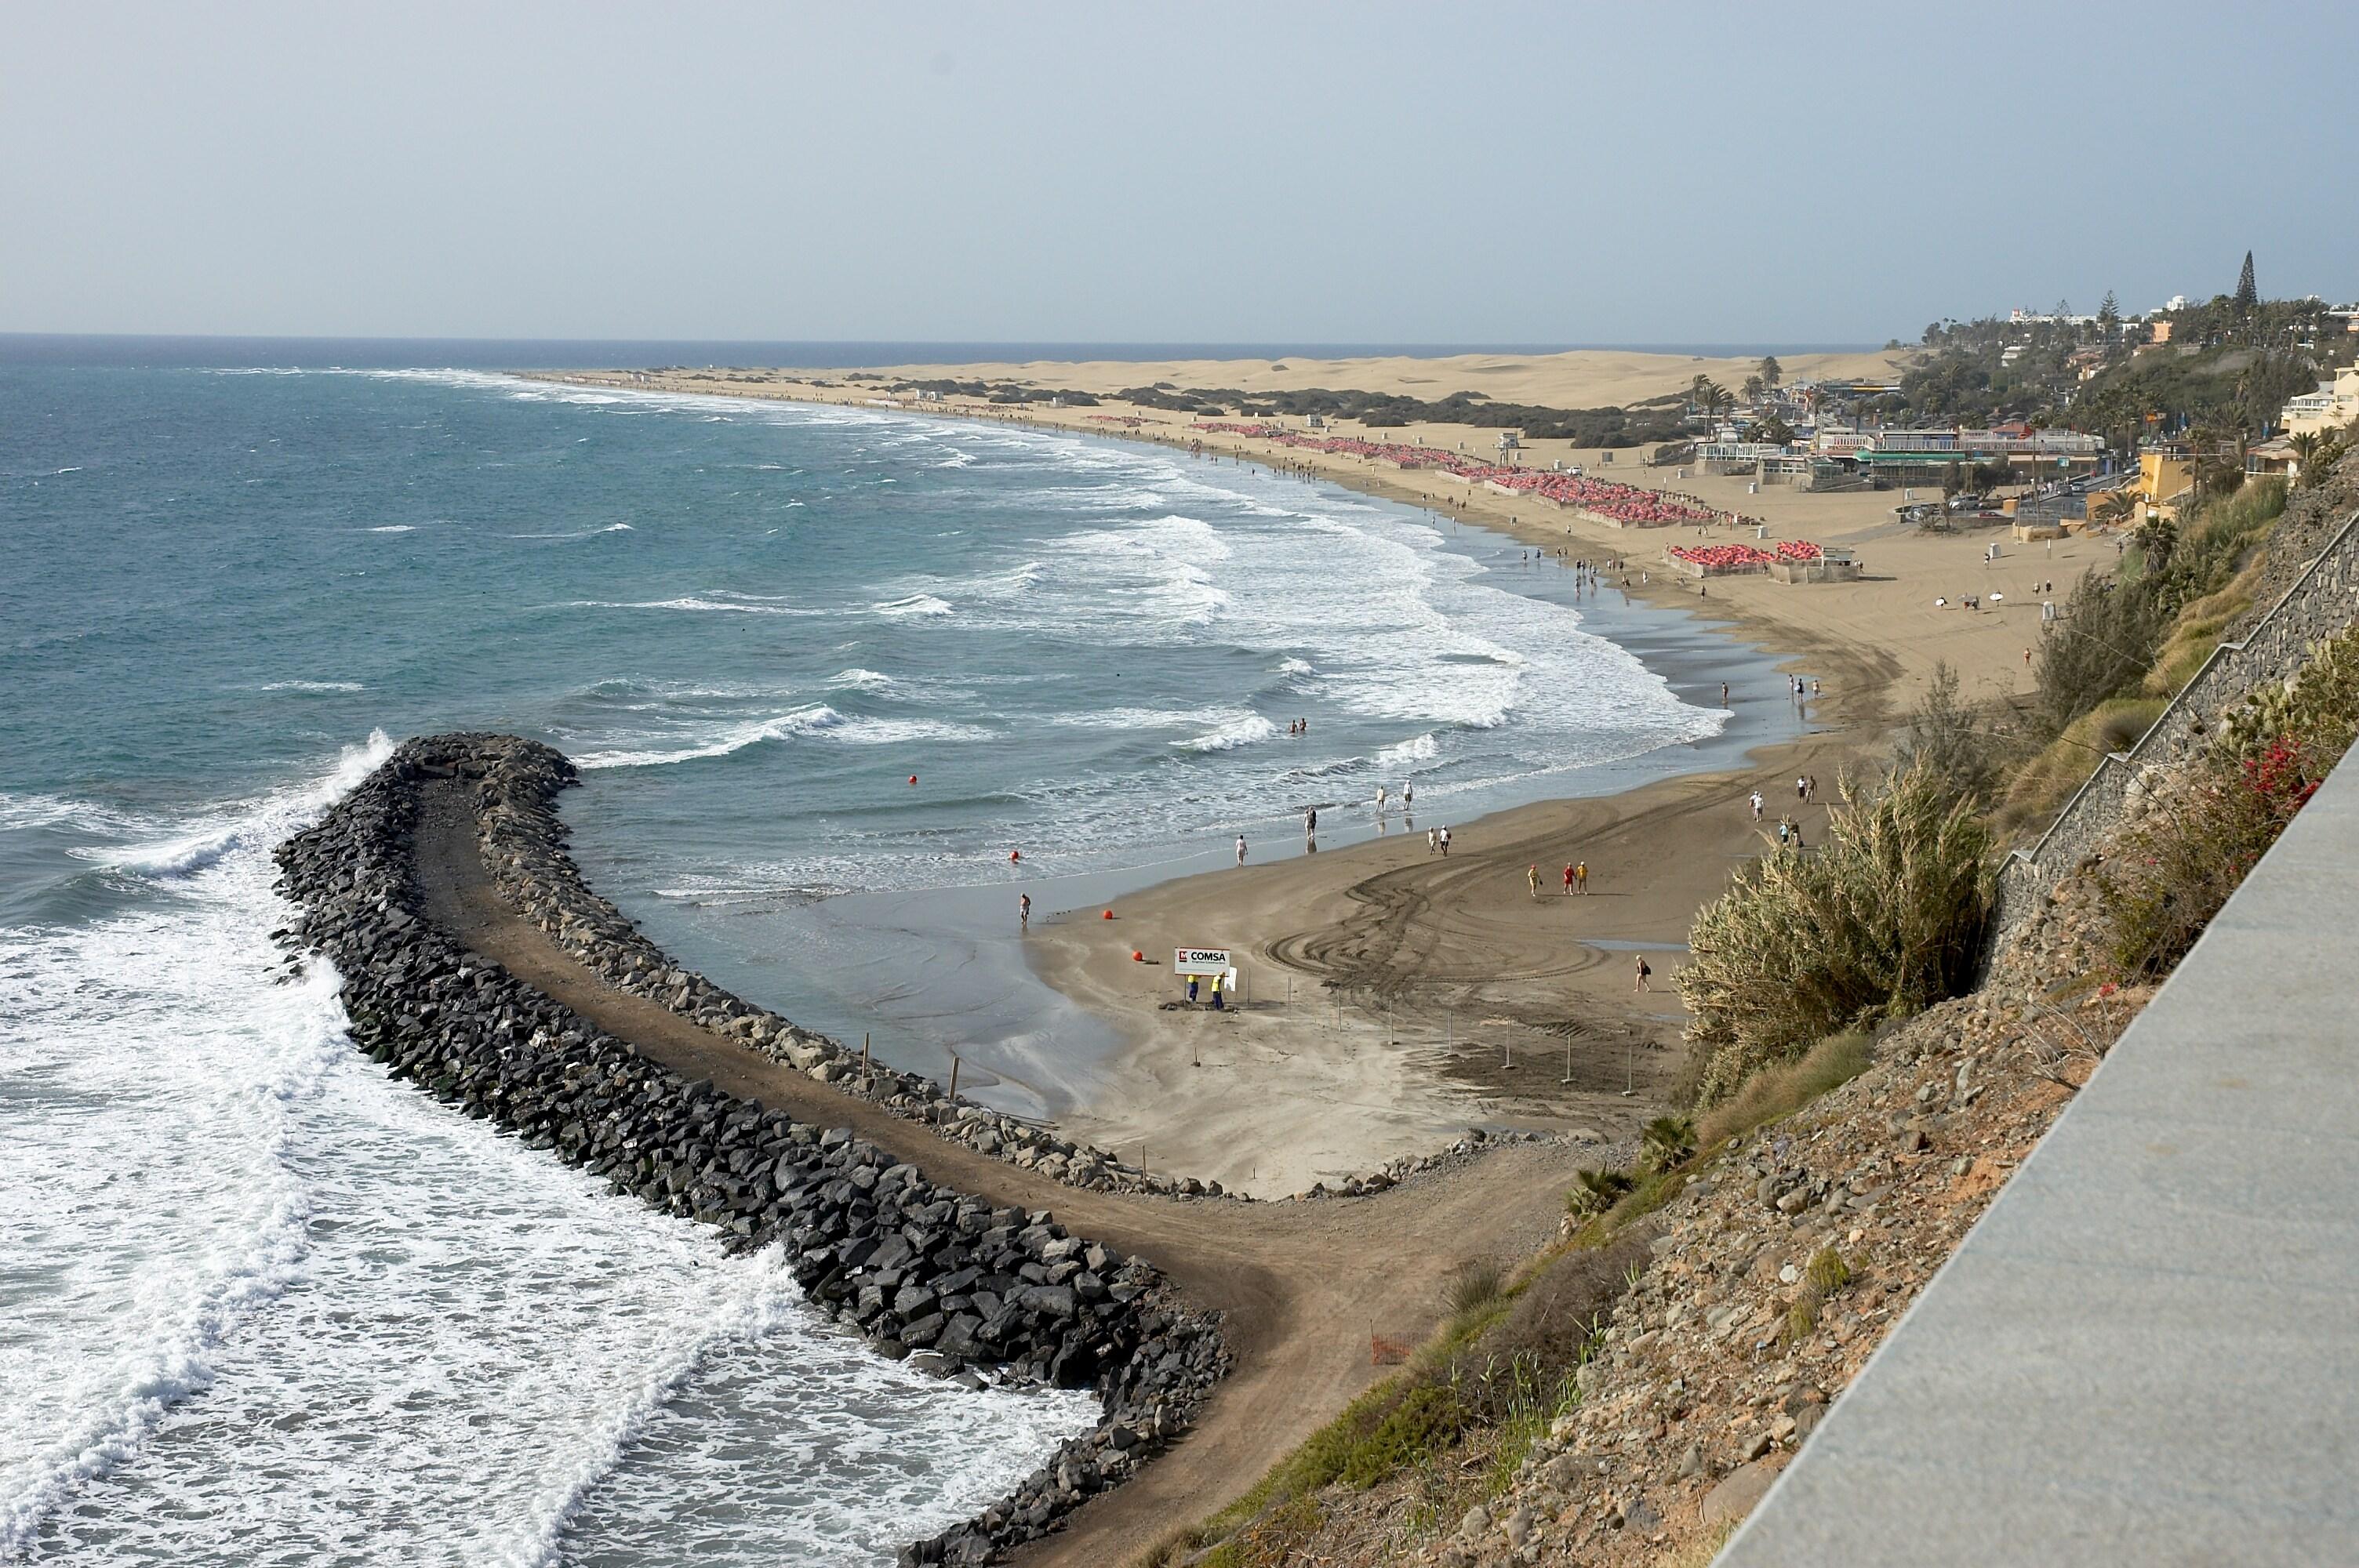 Fotos de la playa del ingles en gran canaria 60